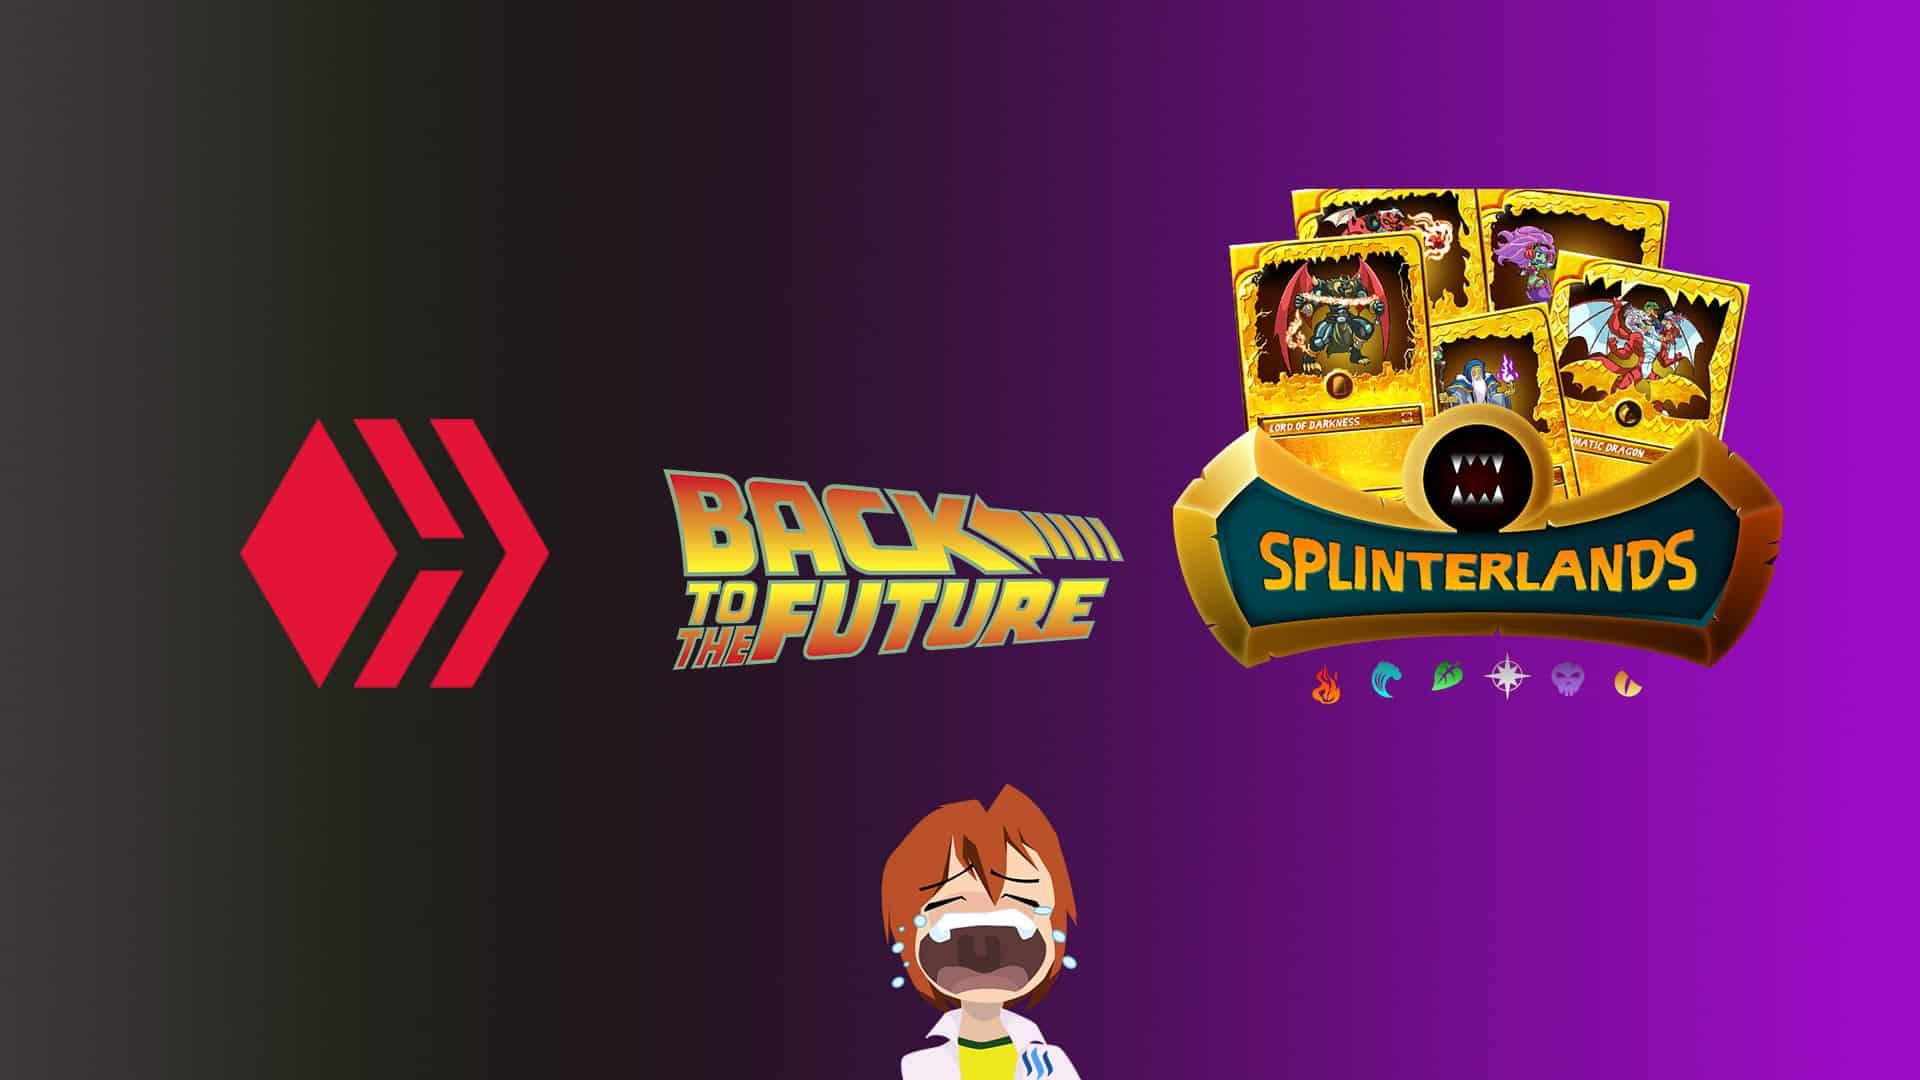 Splinterlands Move to HIVE Blockchain in June 1st - eGamers.io Blockchain Games Portal